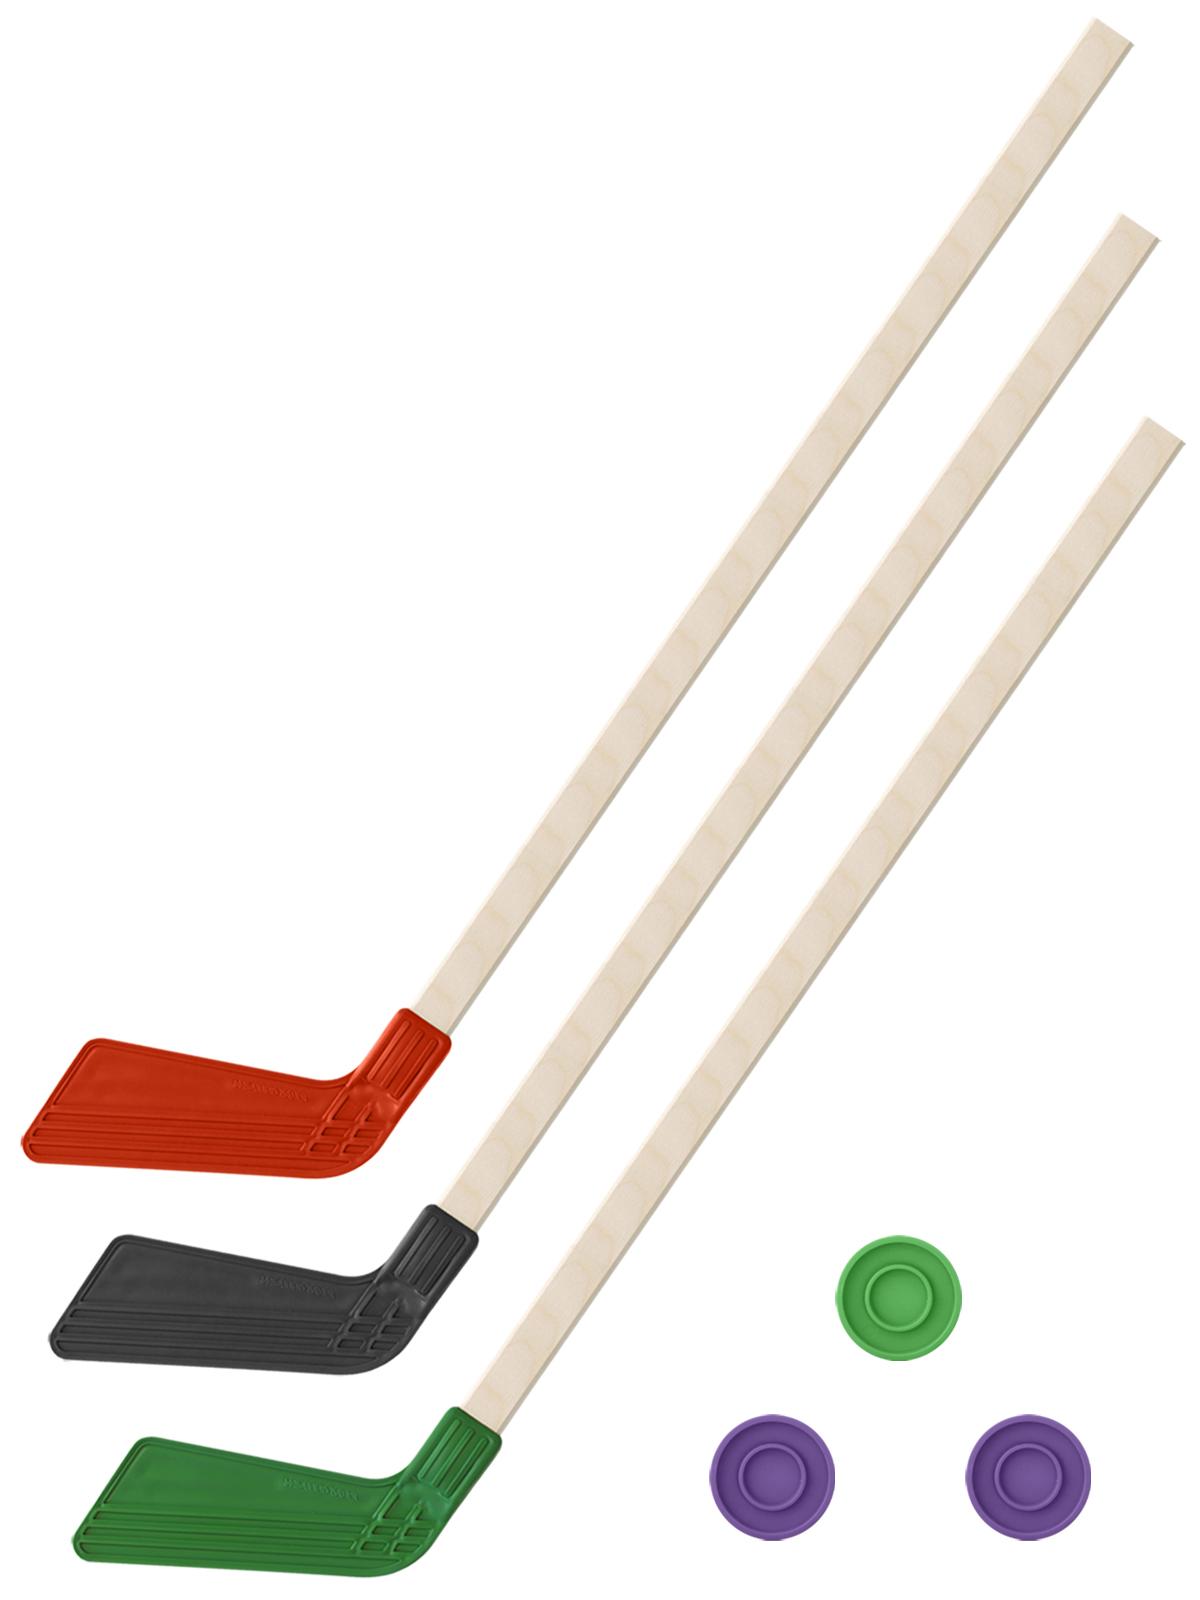 Купить Хоккейный набор 3 в1 Задира-плюс Клюшки 80 см красная, черная, зеленая +3 шайбы,